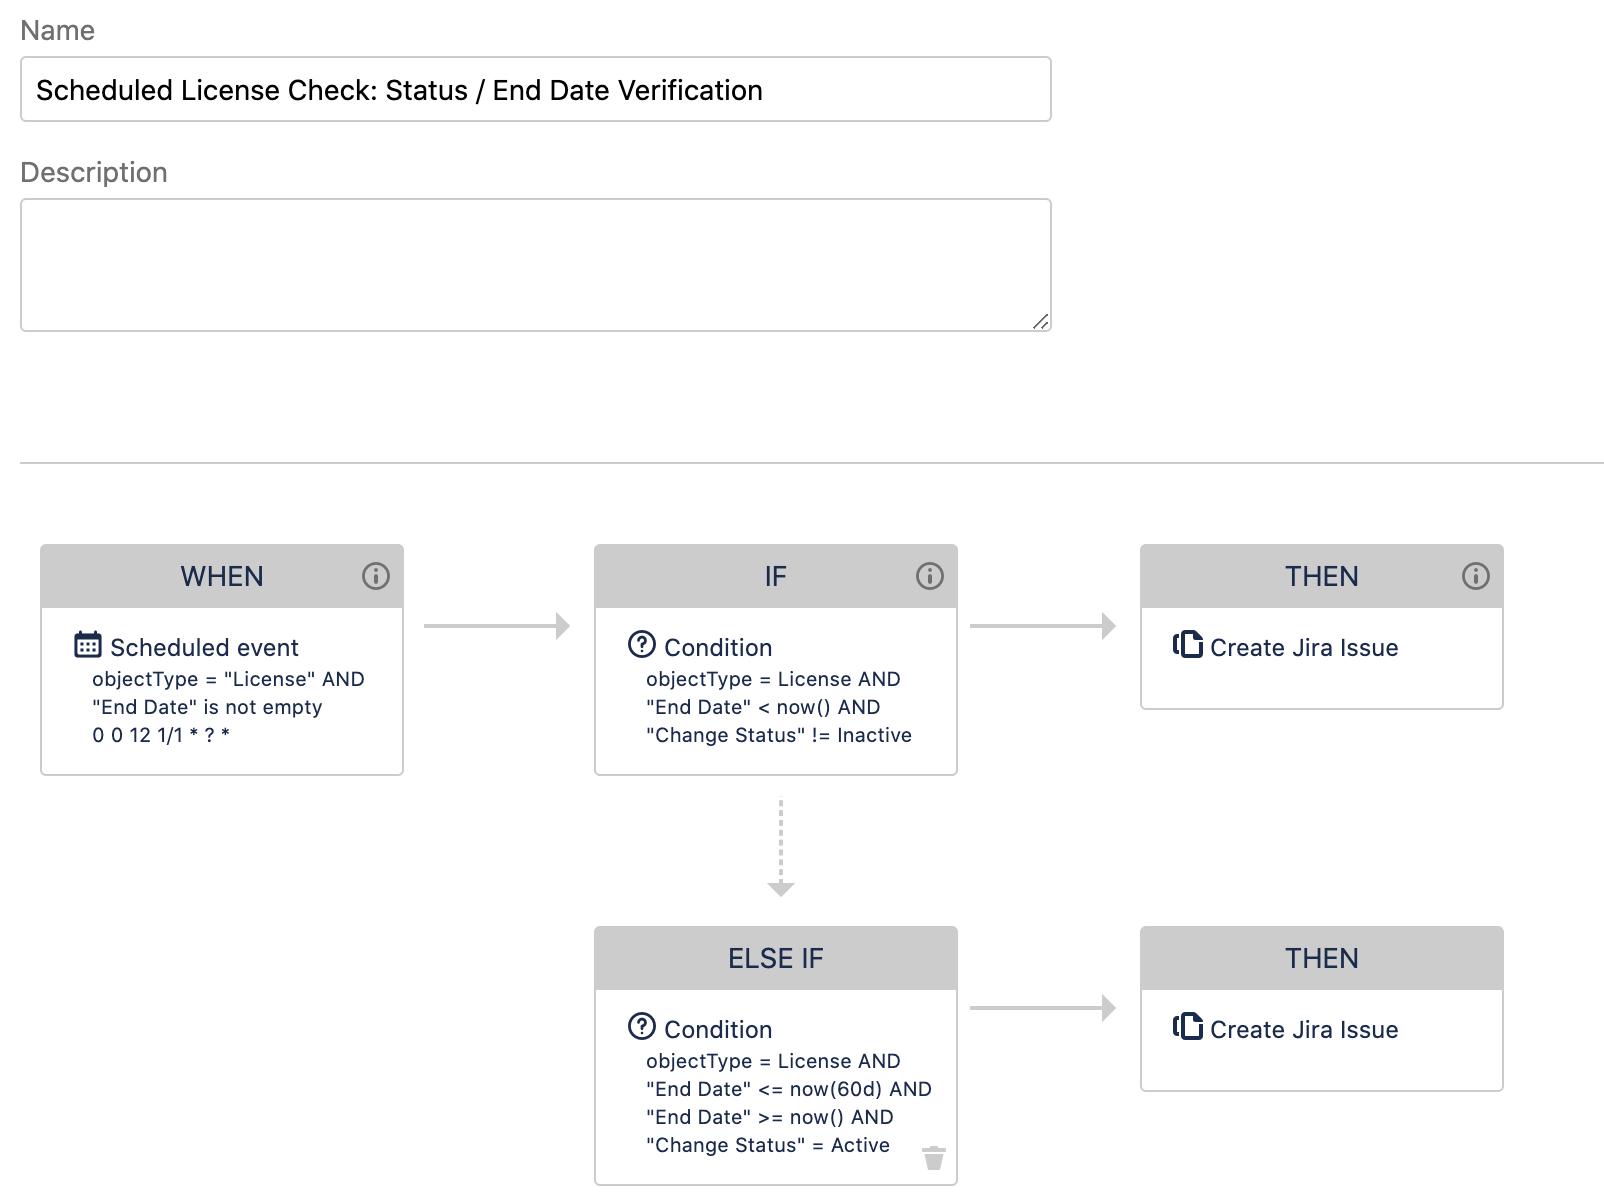 Règle d'automatisationInsight pour créer des ticketsJira en cas d'expiration des licences.